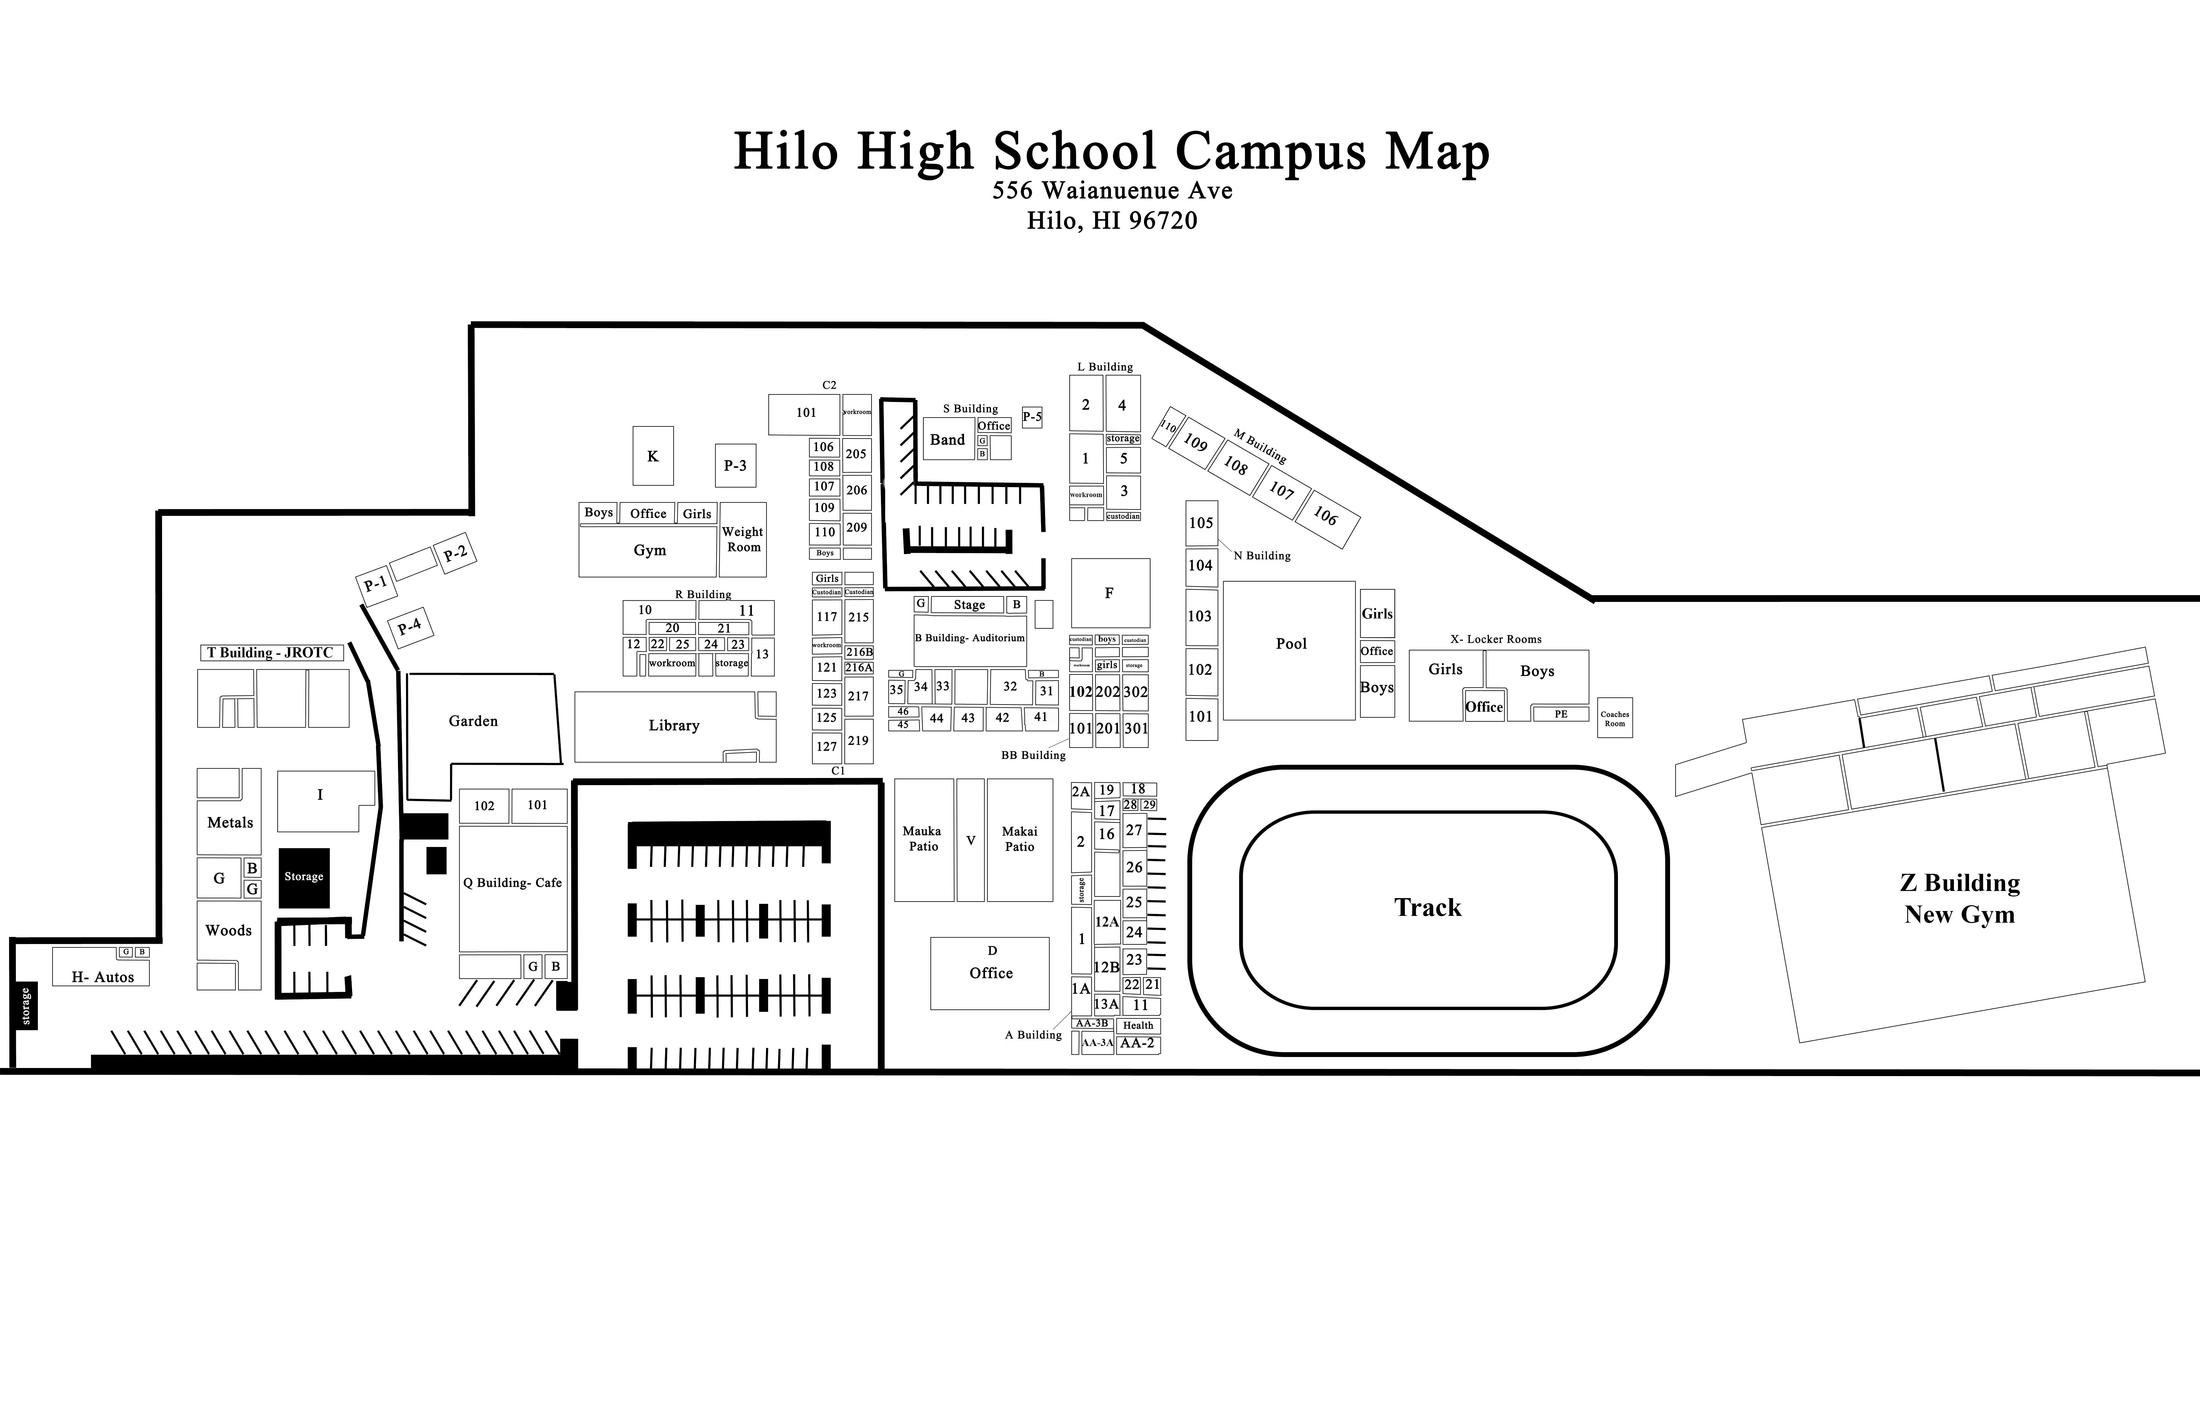 School Campus Map.Campus Map Hilo High School